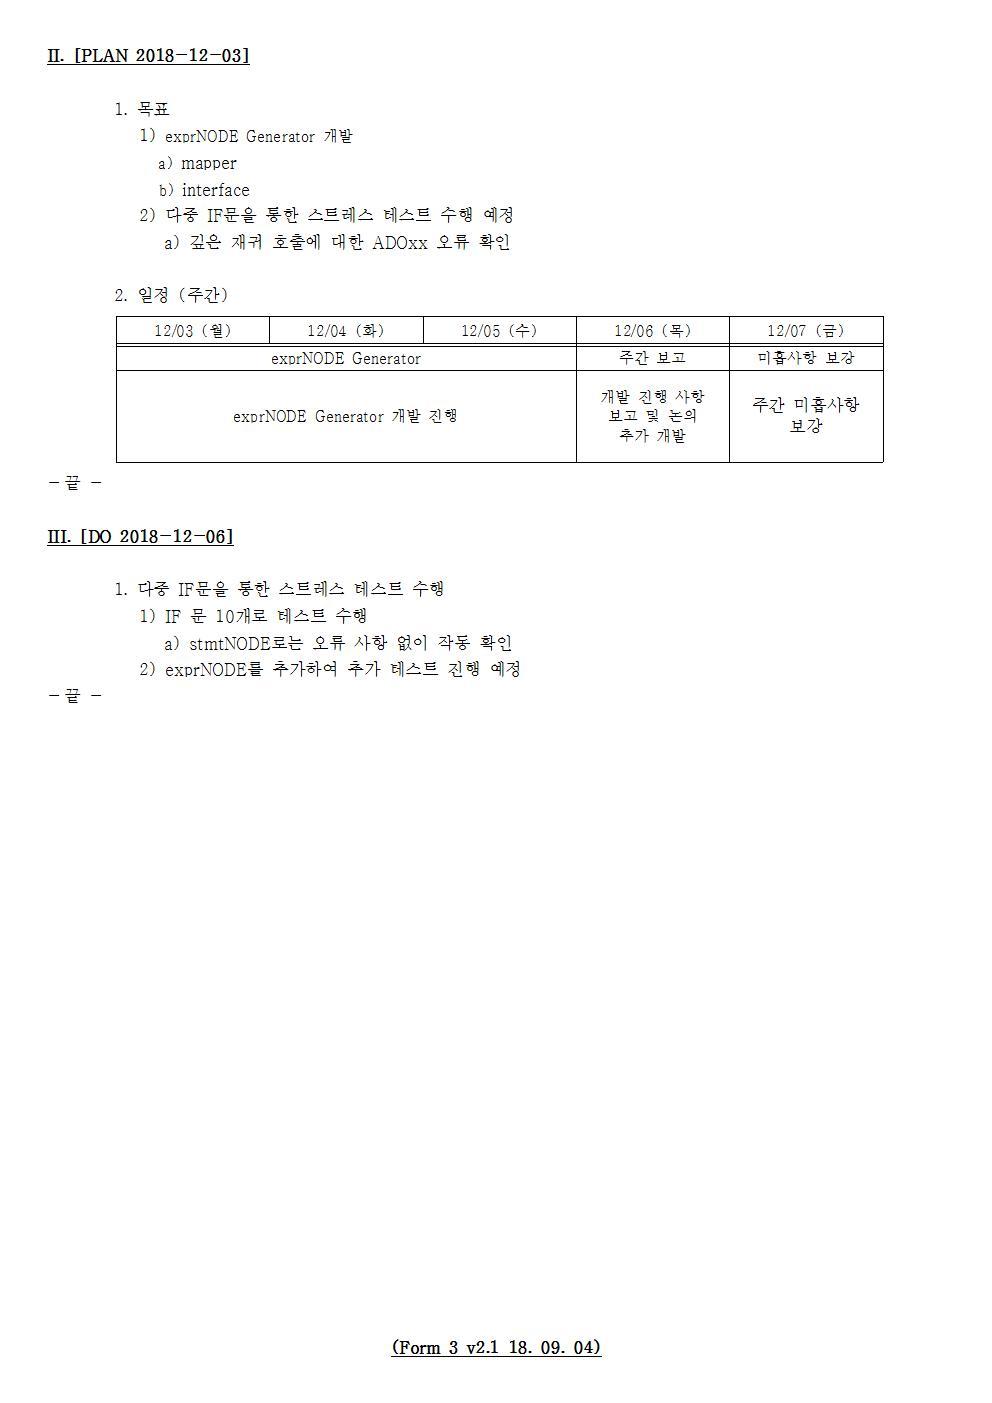 D-[18-003-RD-03]-[SRRE]-[2018-12-06][JS]002.jpg